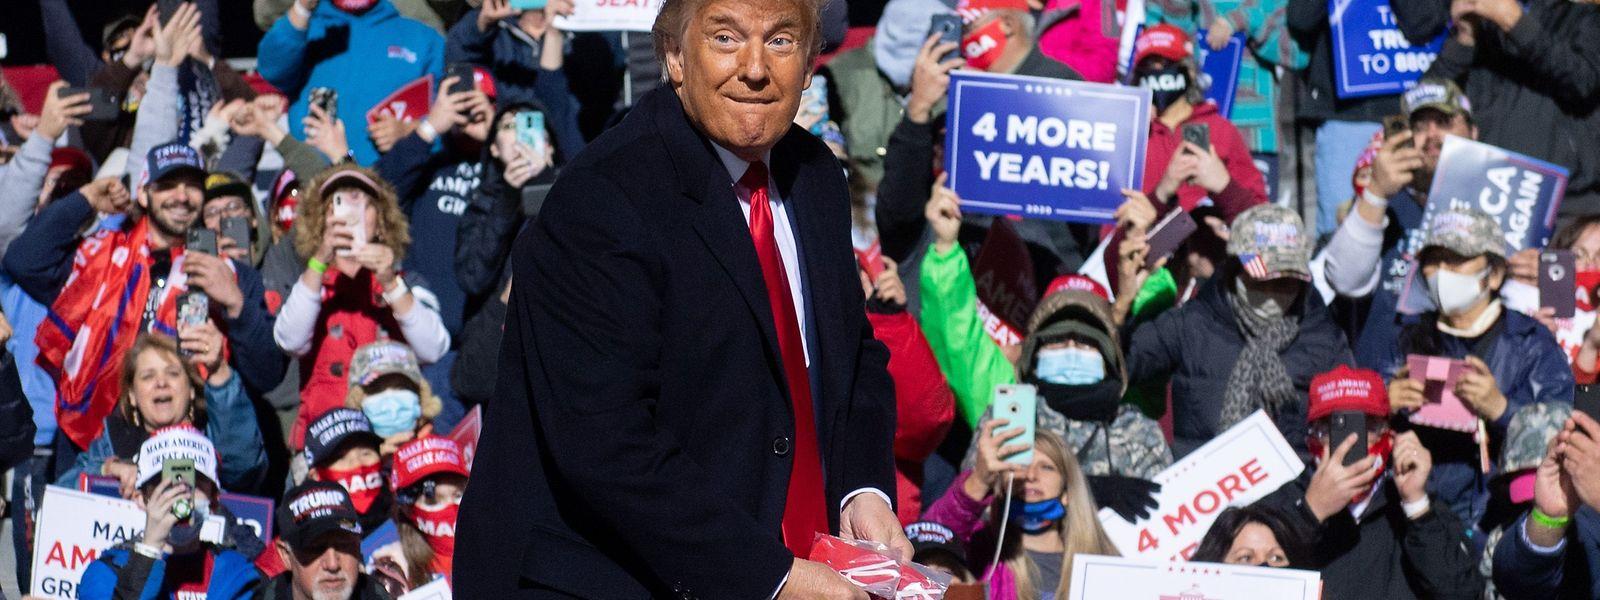 Donald Trump - ohne Maske - verteilt Masken an seine jubelnden Anhänger bei einer Wahlkampfveranstaltung.